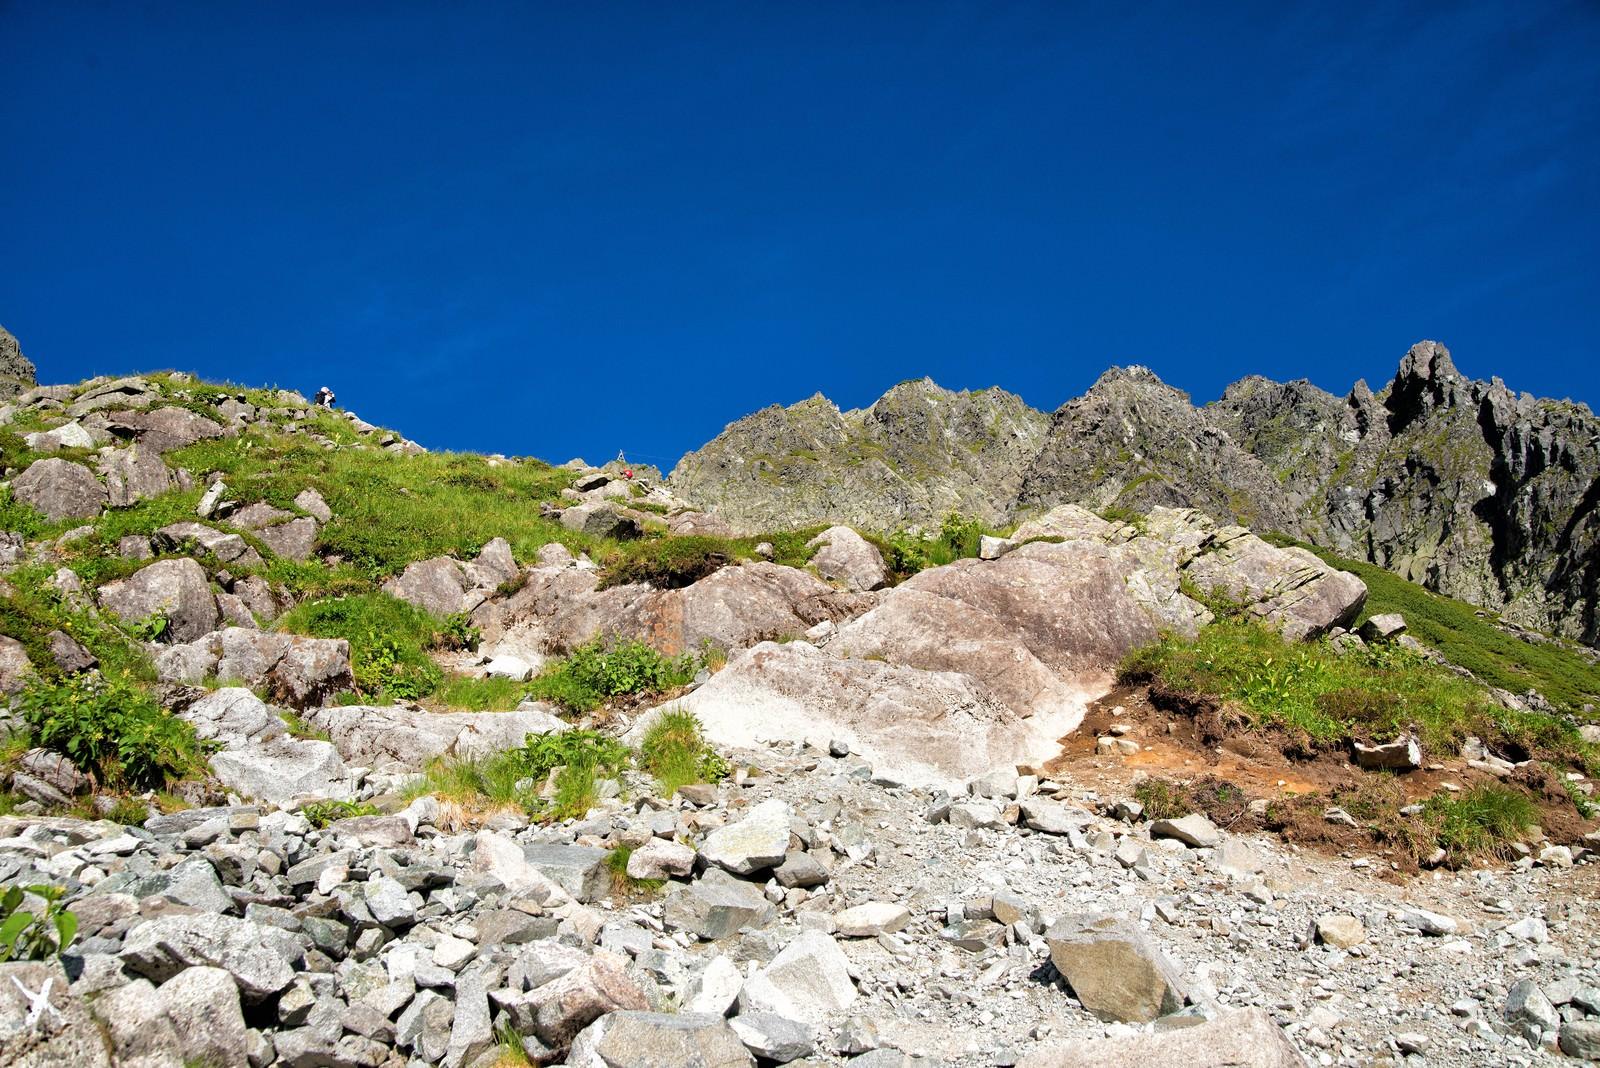 「ザイテングラードの登山道にある岩肌」の写真